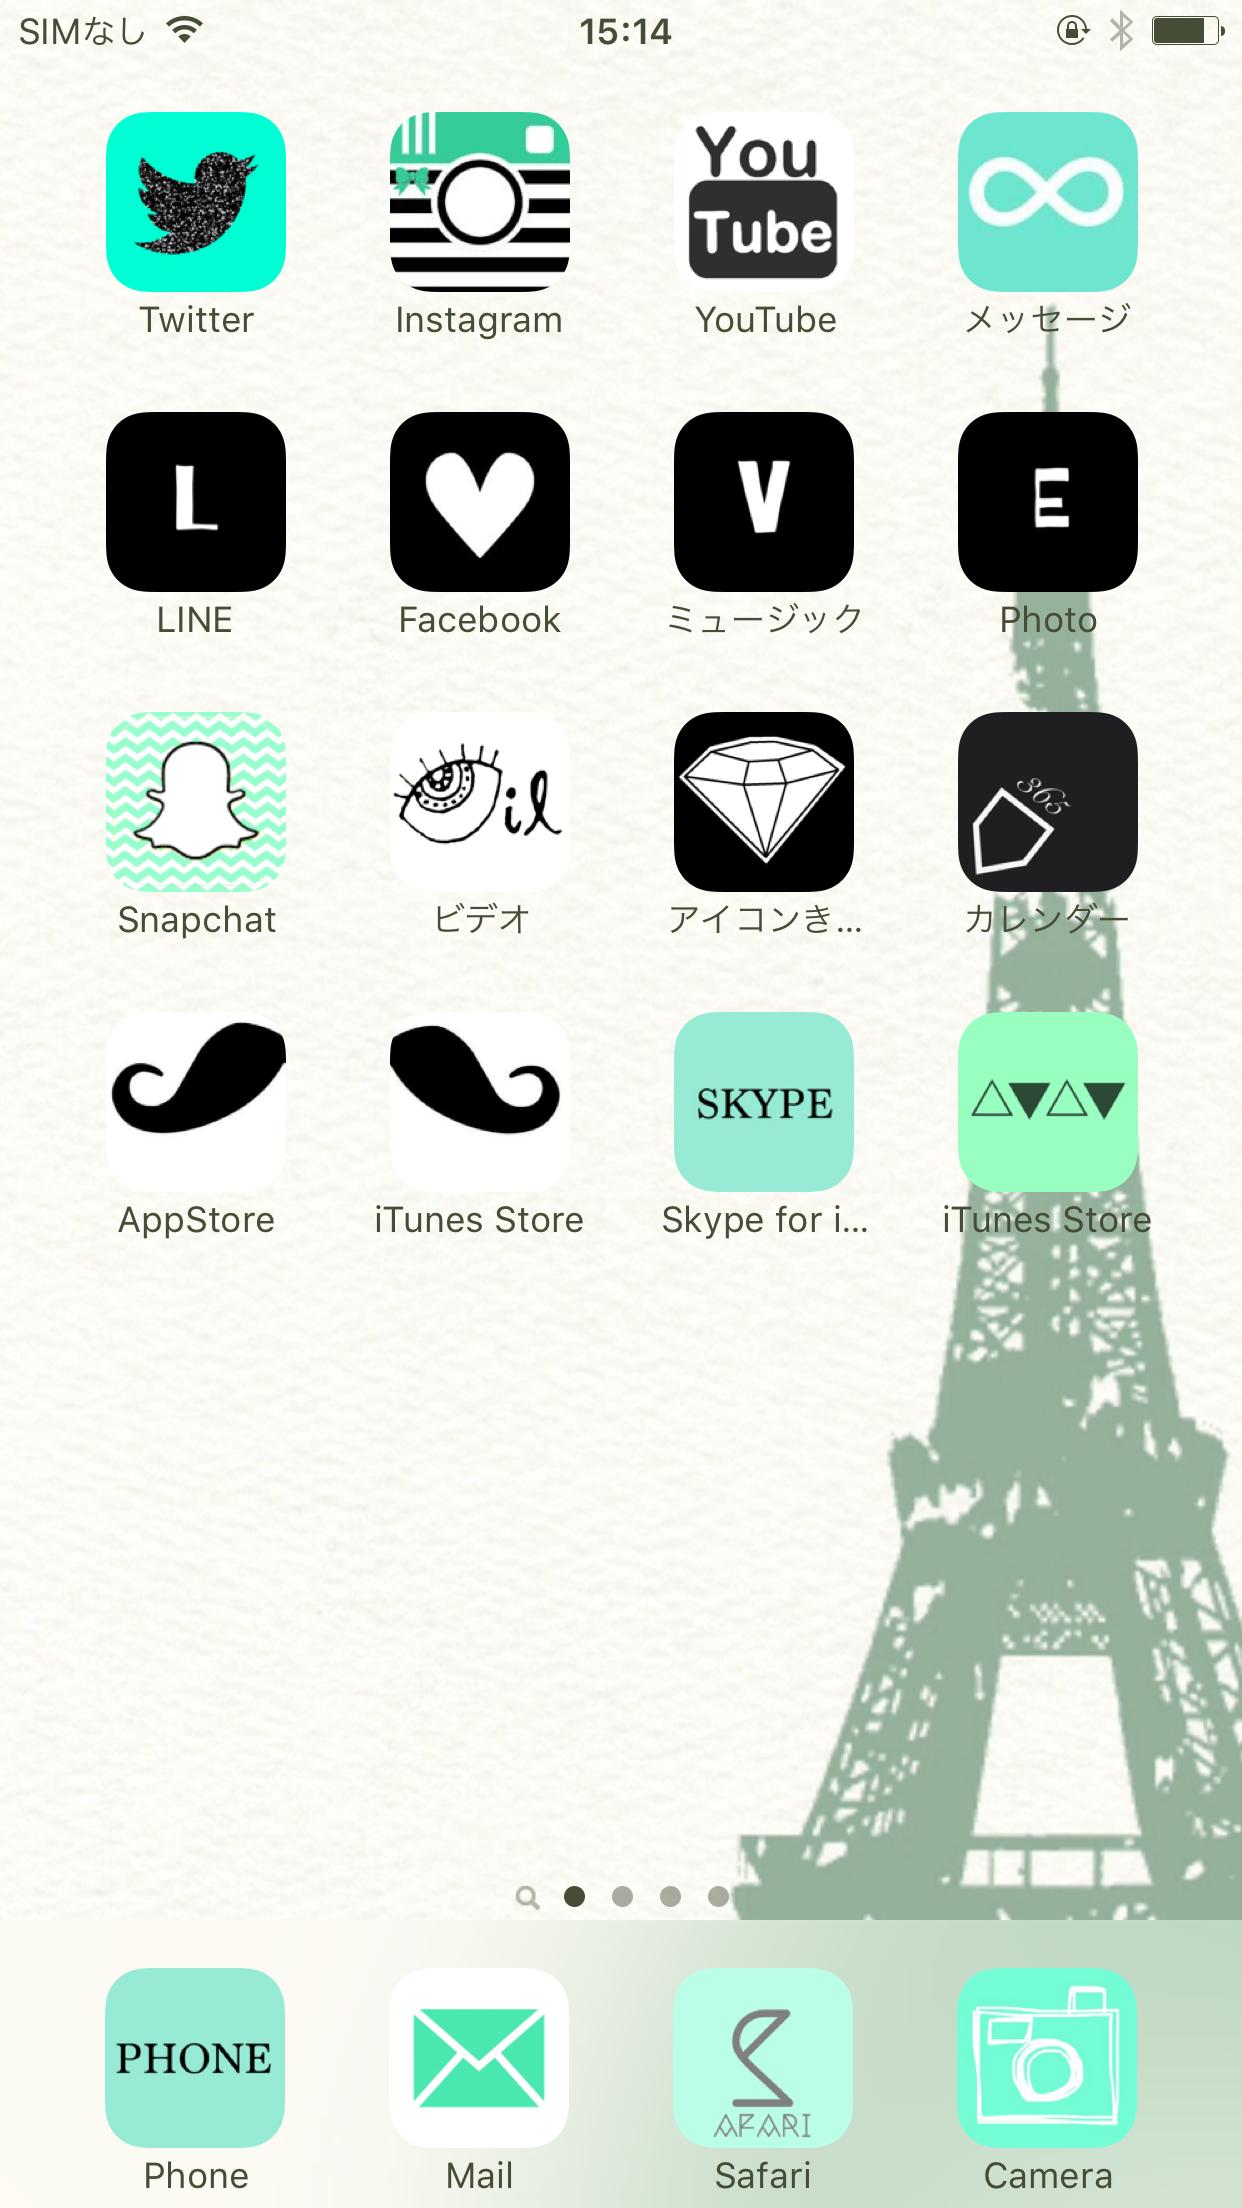 iphoneホーム画面を超オシャレに! 無料でかわいいカスタム術 -appliv